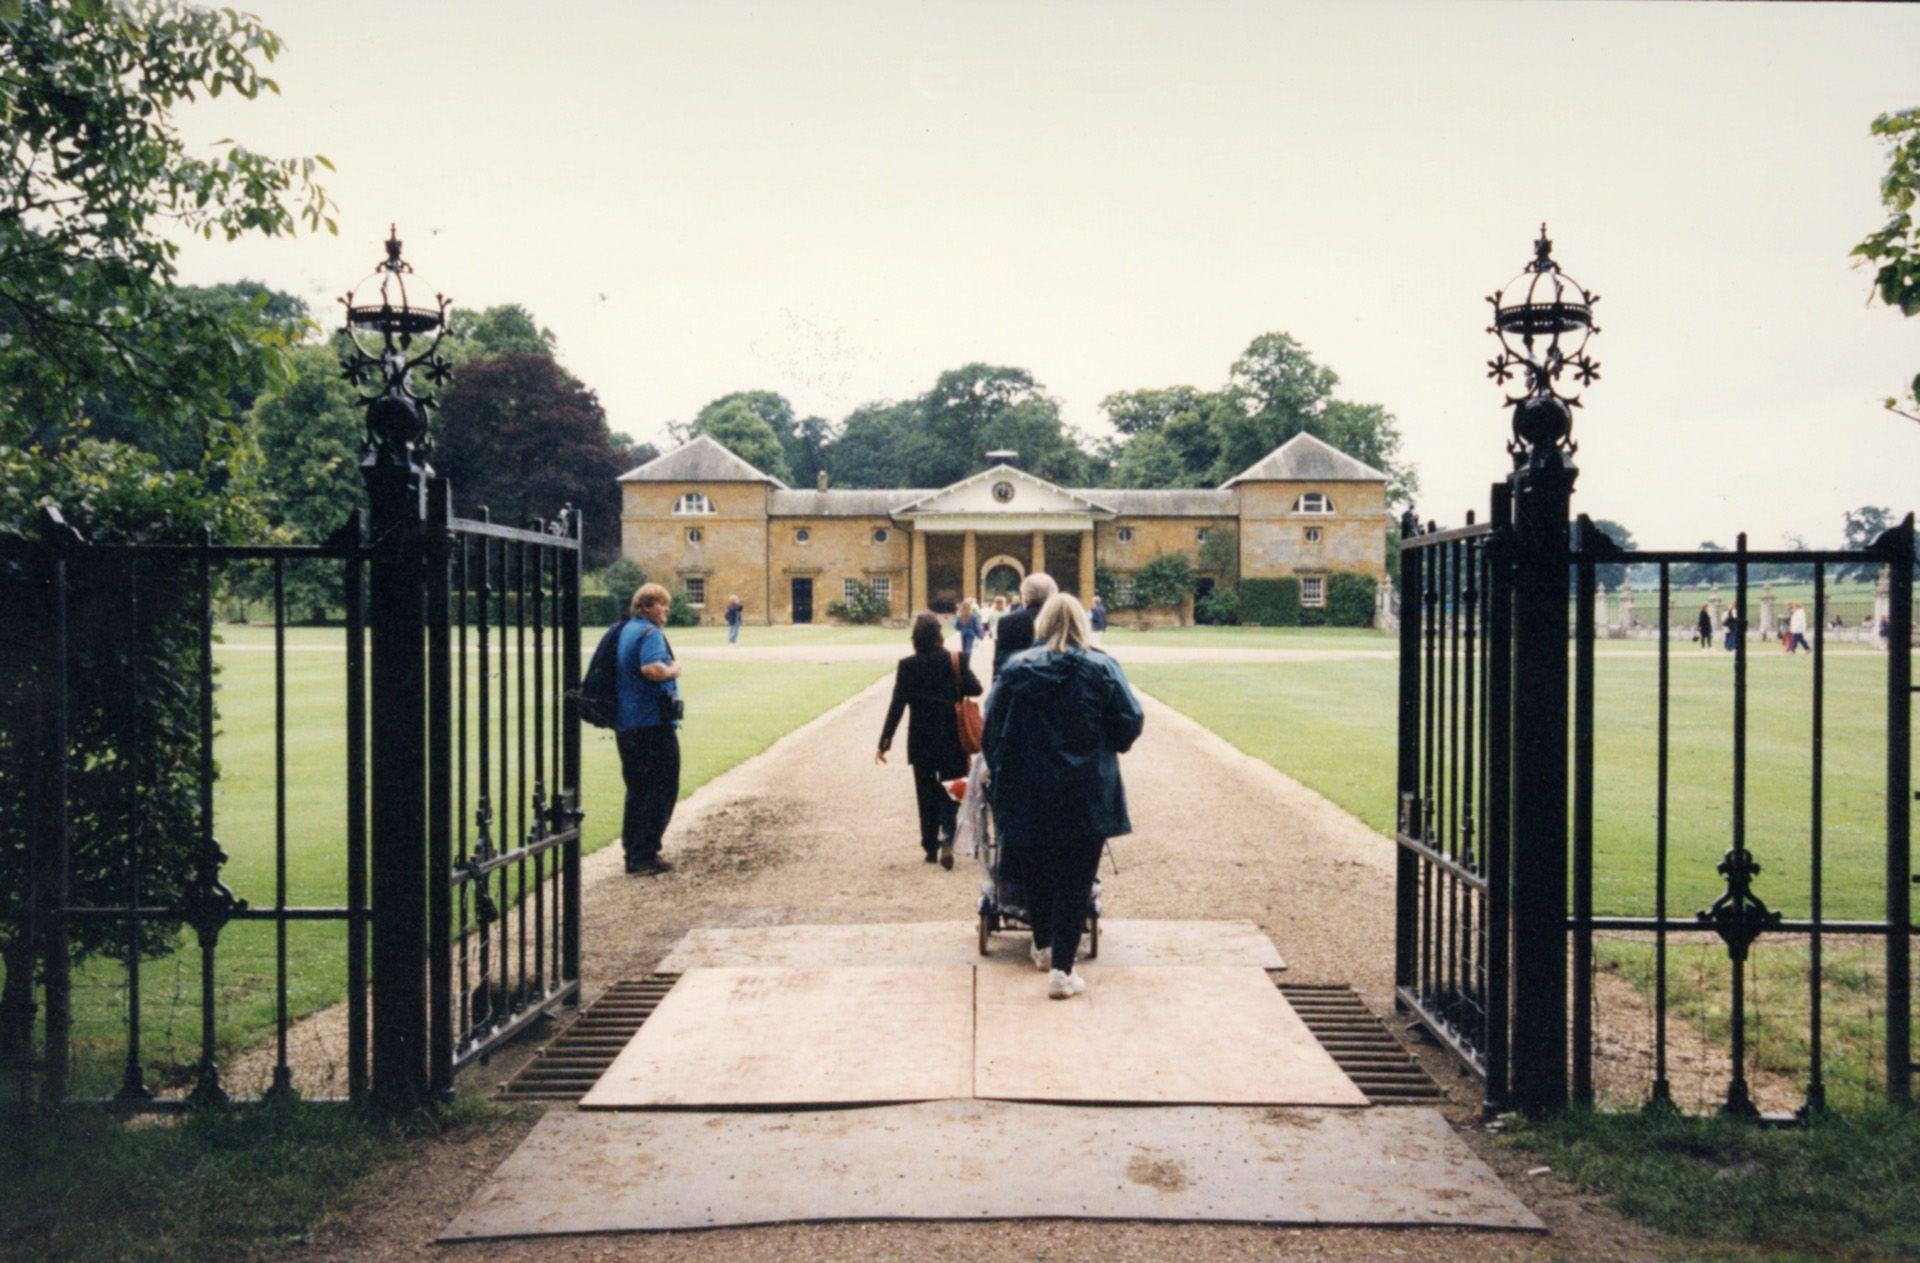 La entrada a la casa. Permanecerá abierta al público desde el 1 de julio al 31 de agosto.